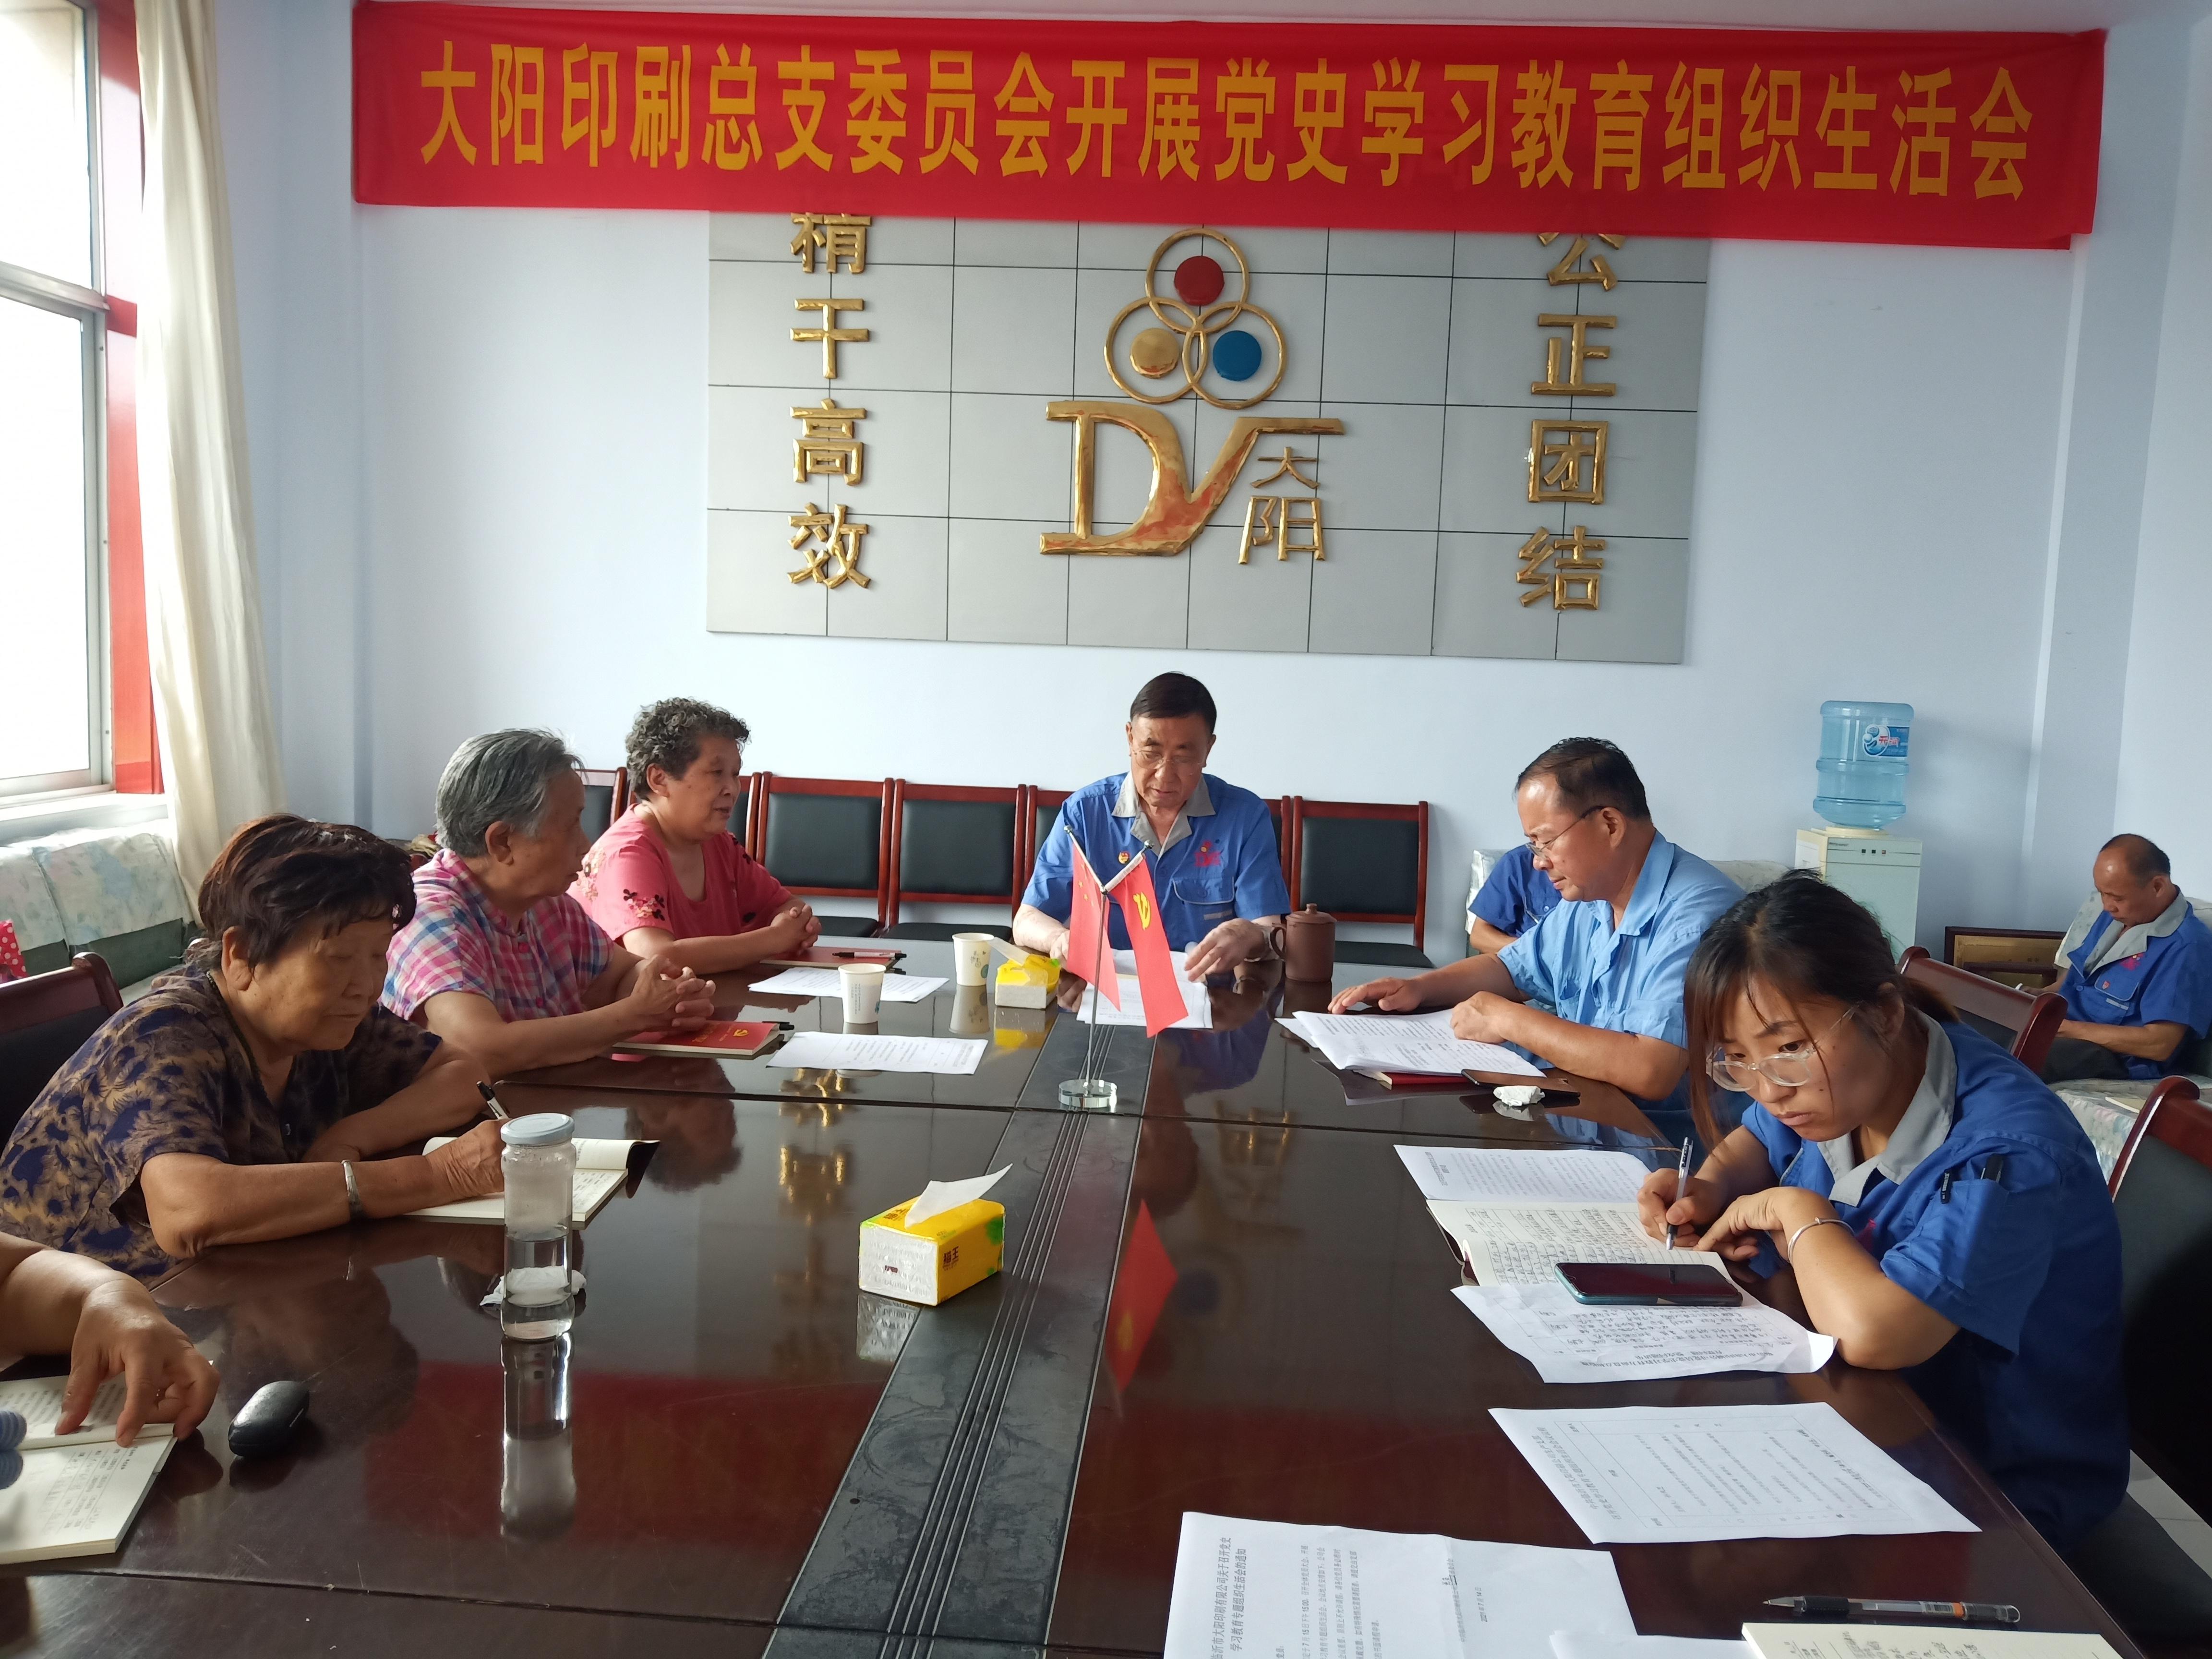 大陽印刷總支委員會召開黨史學習教育專題組織生活會